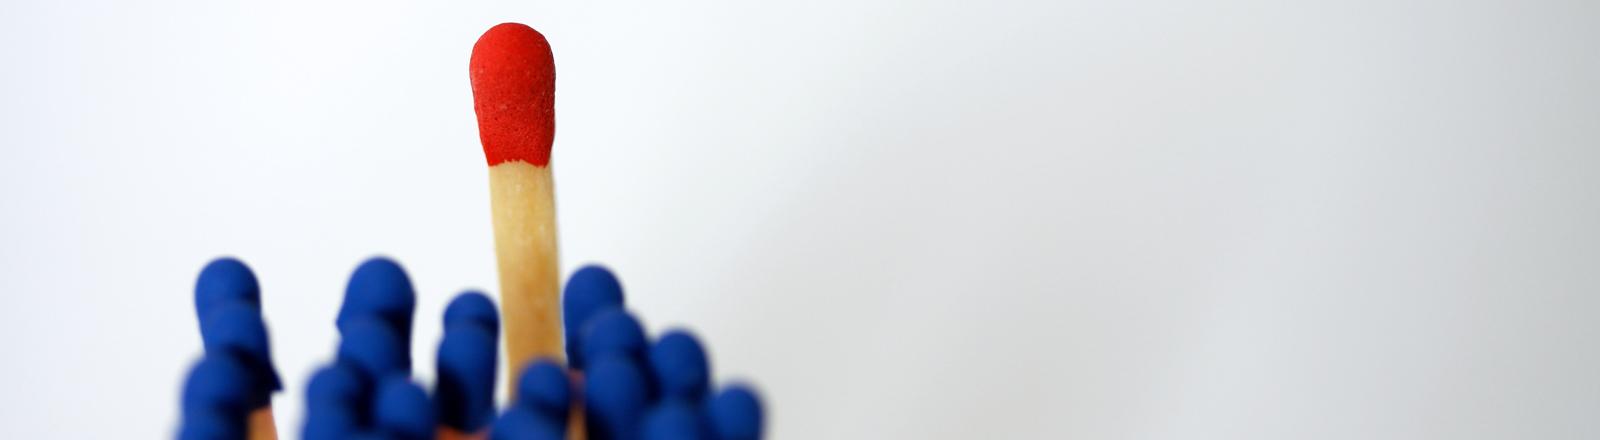 Rote und blaue Streichholzköpfe